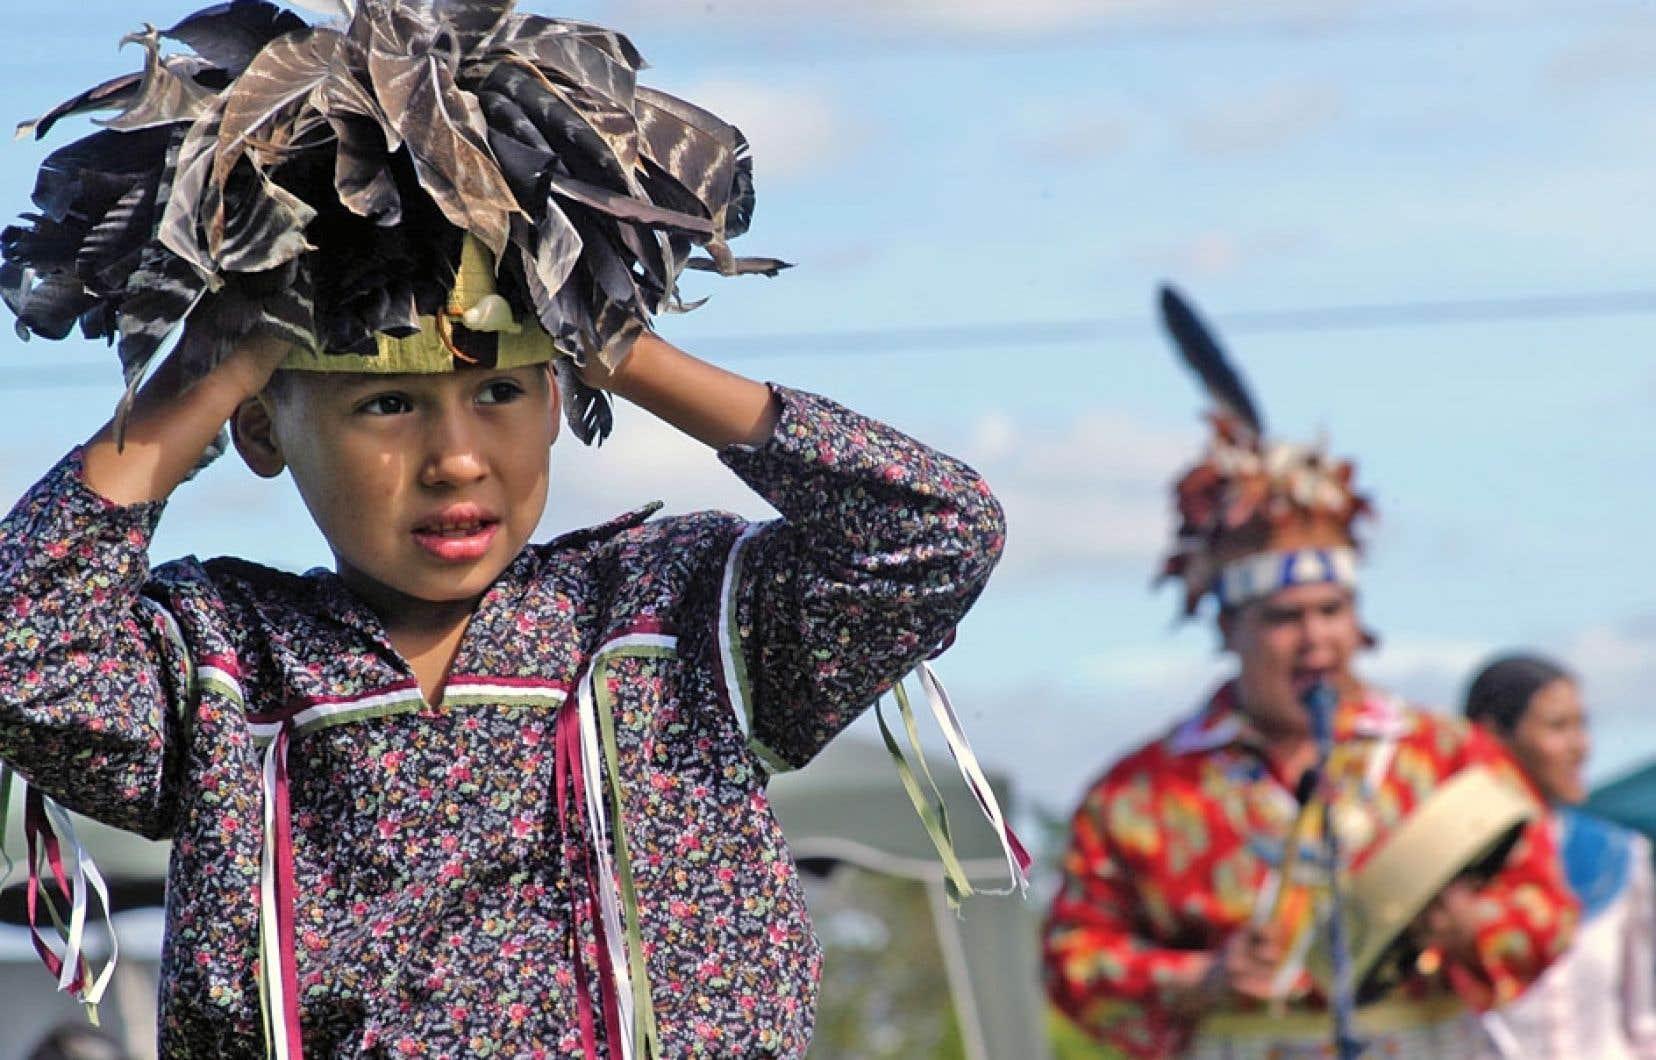 Des autochtones d'ici et d'ailleurs sont de plus en plus nombreux à réclamer des objets, œuvres d'arts et autres biens culturels qui sont détenus par les musées.